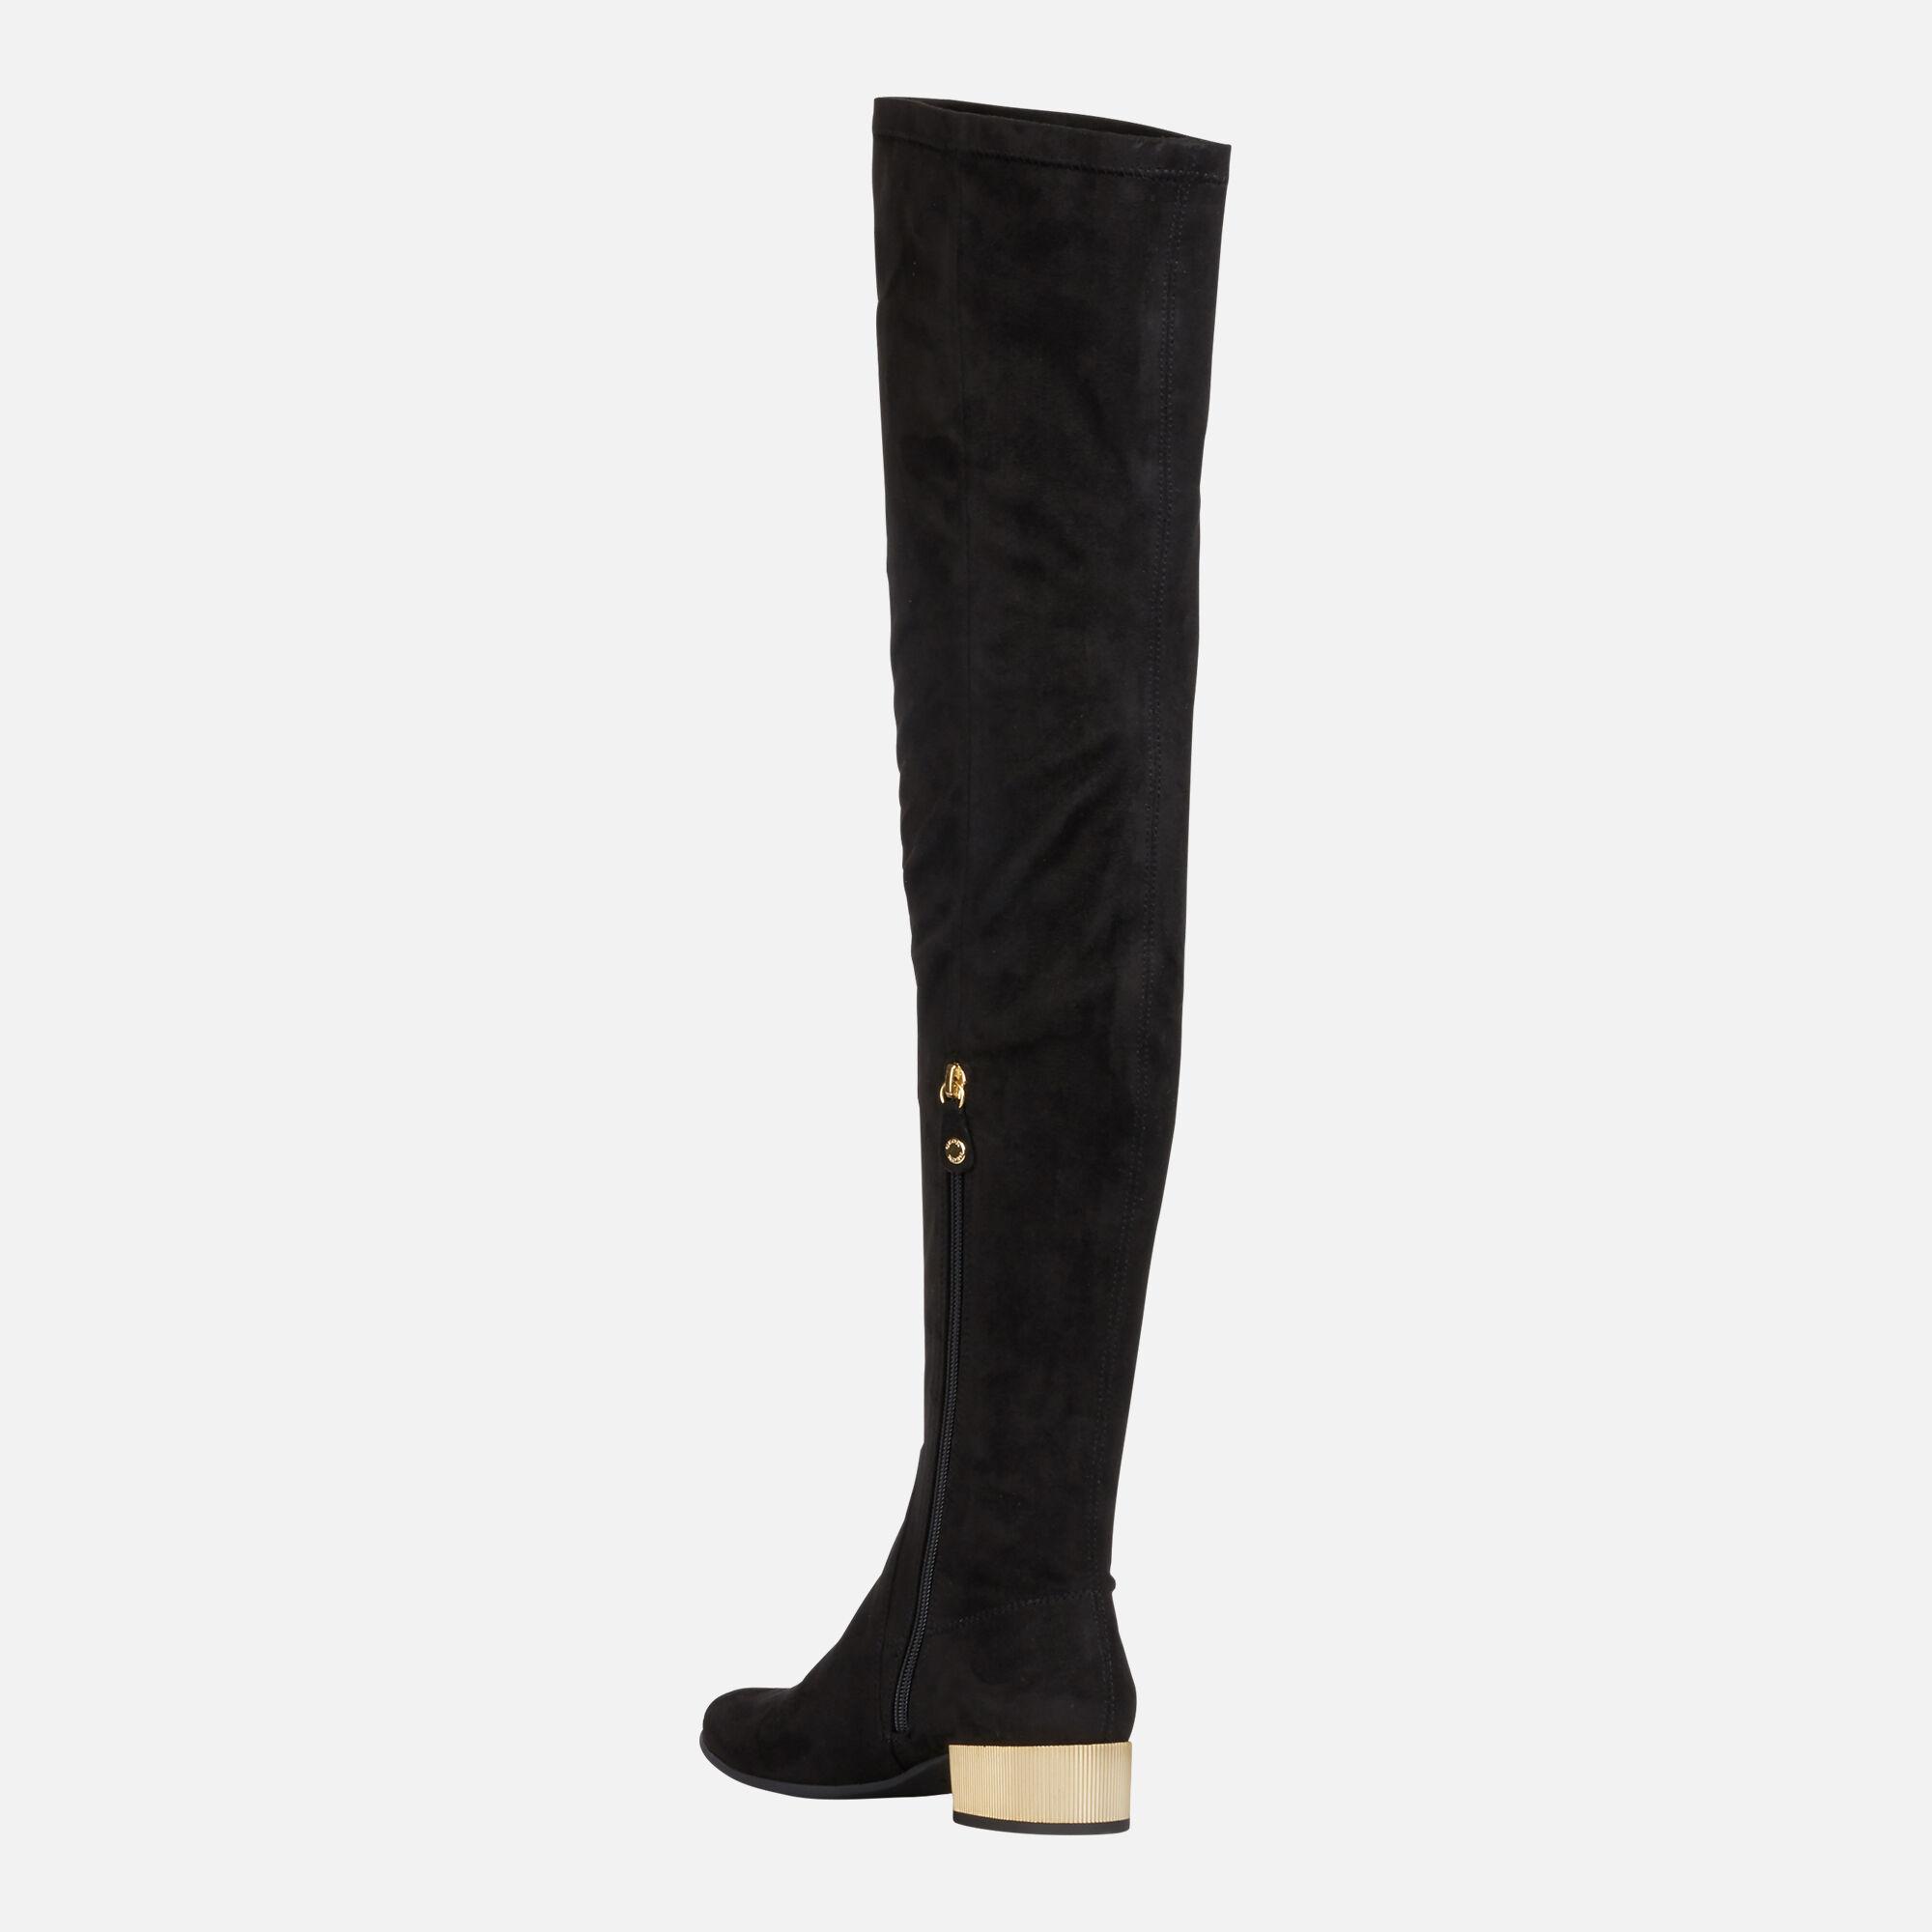 Geox Overknee Stiefel für Damen Online Kaufen | FASHIOLA.at